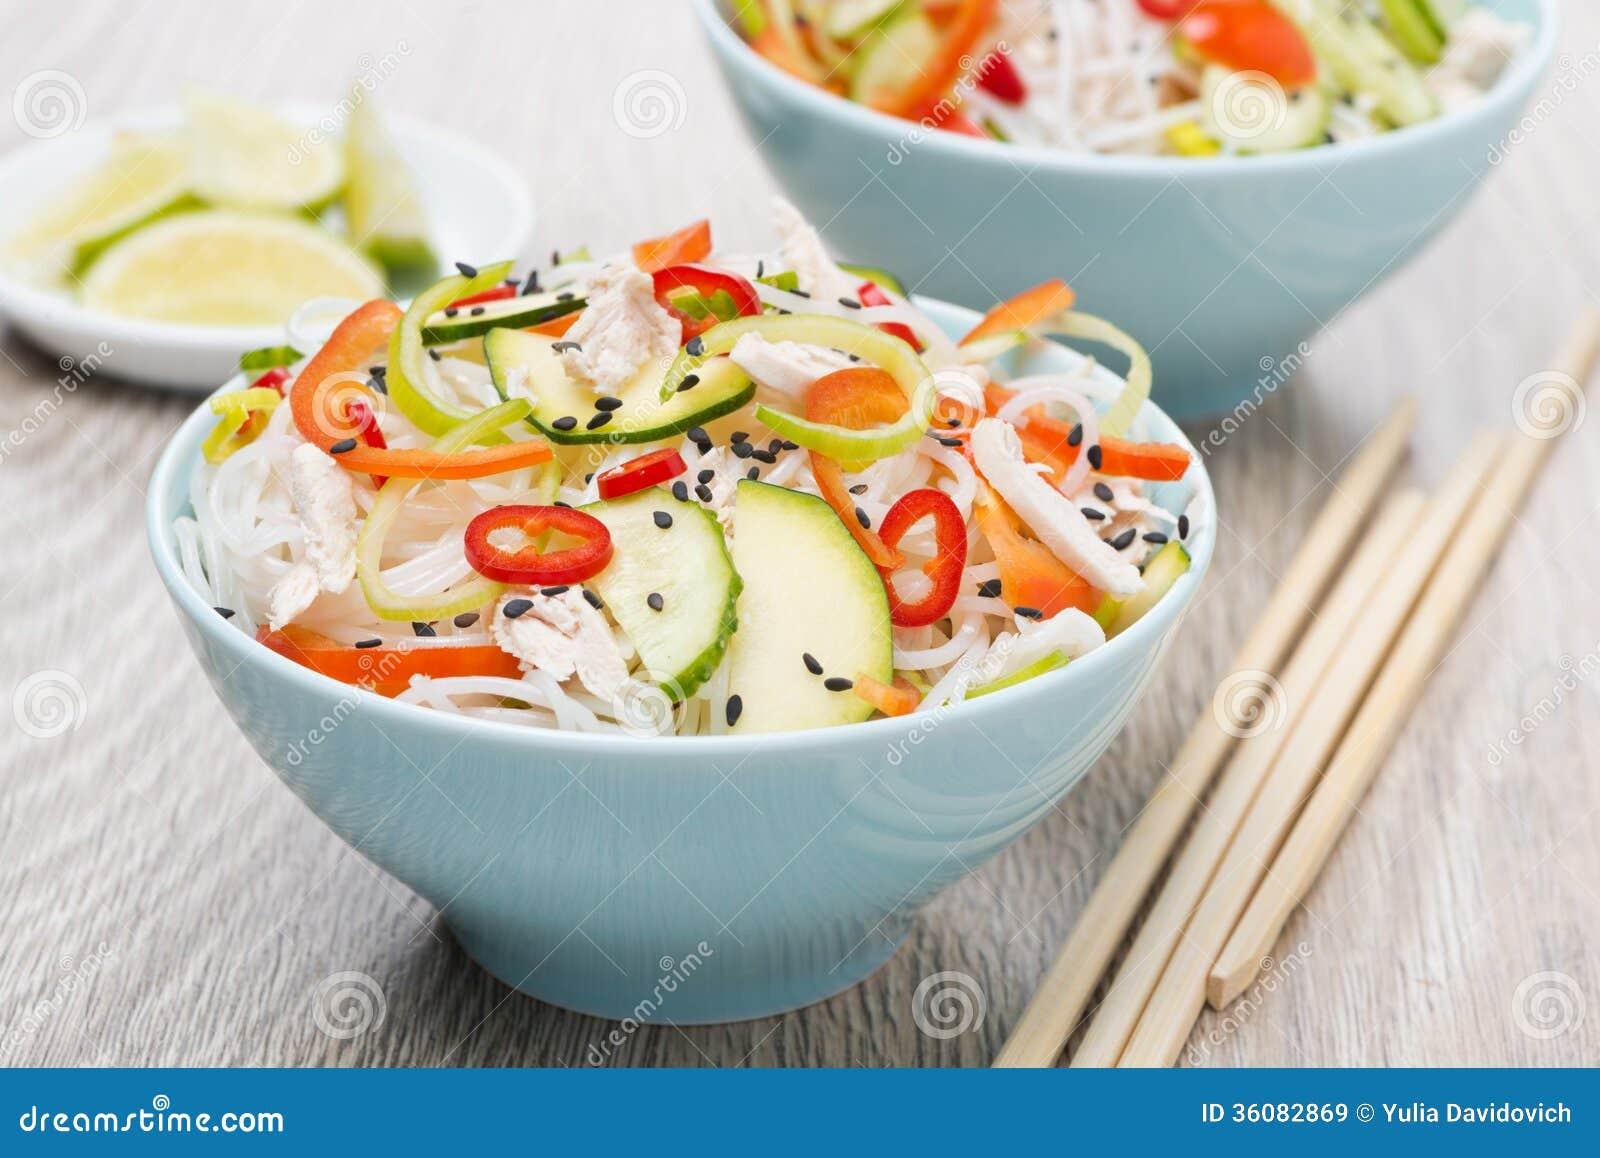 Två bunkar av thailändsk sallad med grönsaker, risnudel, höna